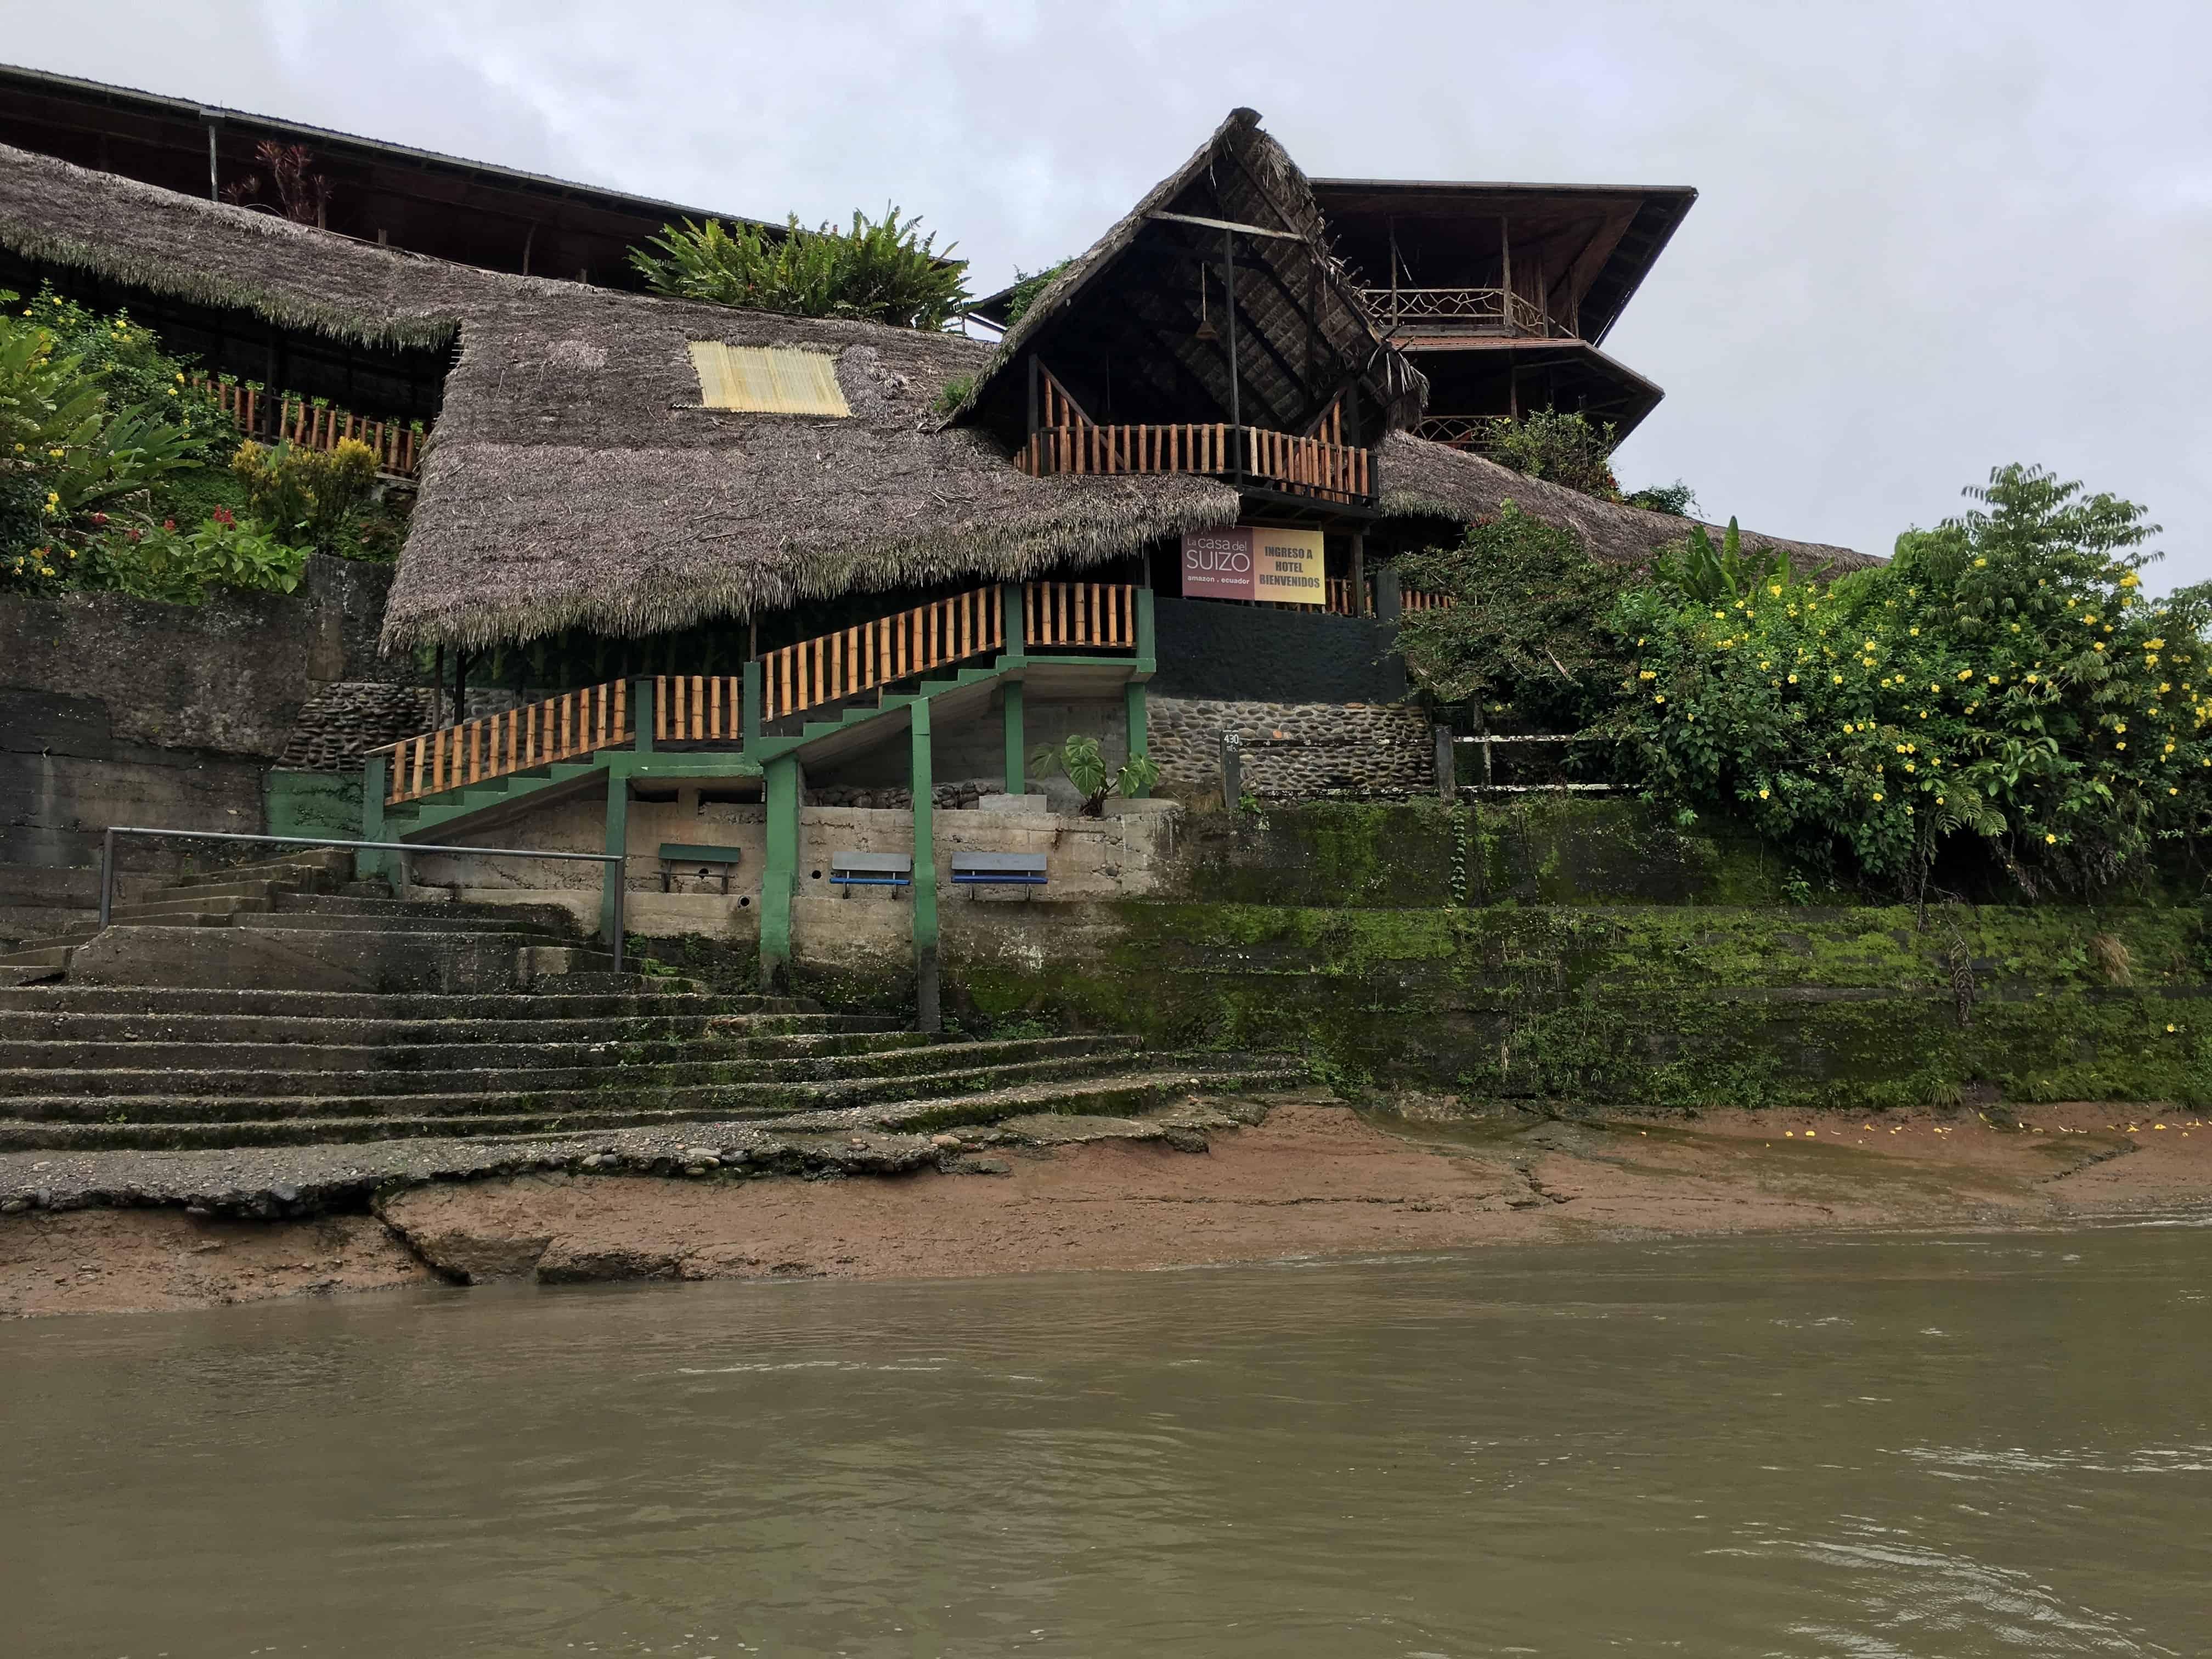 La Casa del Suizo - Ecuador Travel